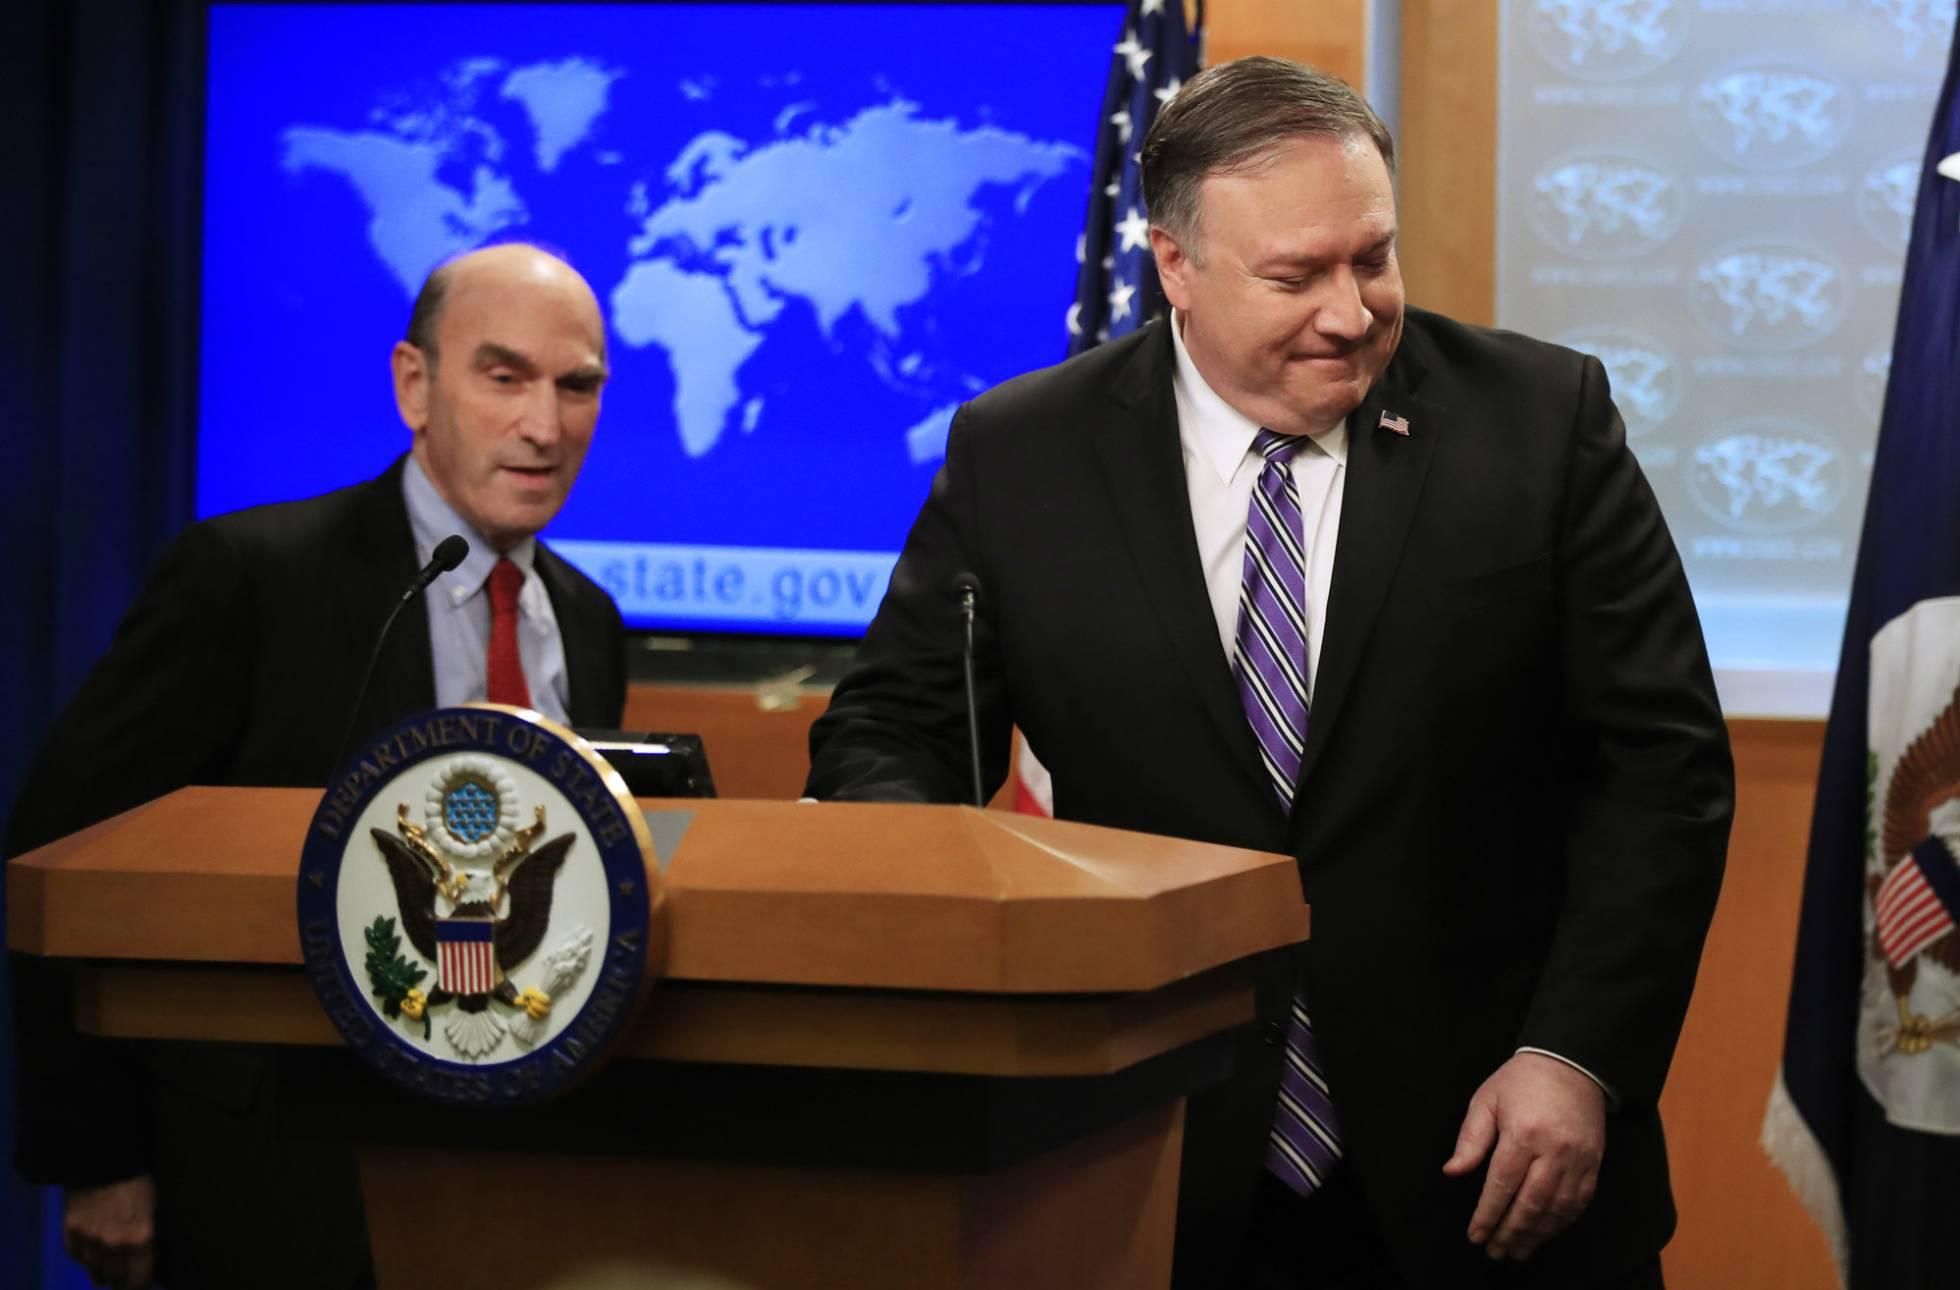 Washington nombra enviado para Venezuela a un halcón de la era Reagan y Bush hijo